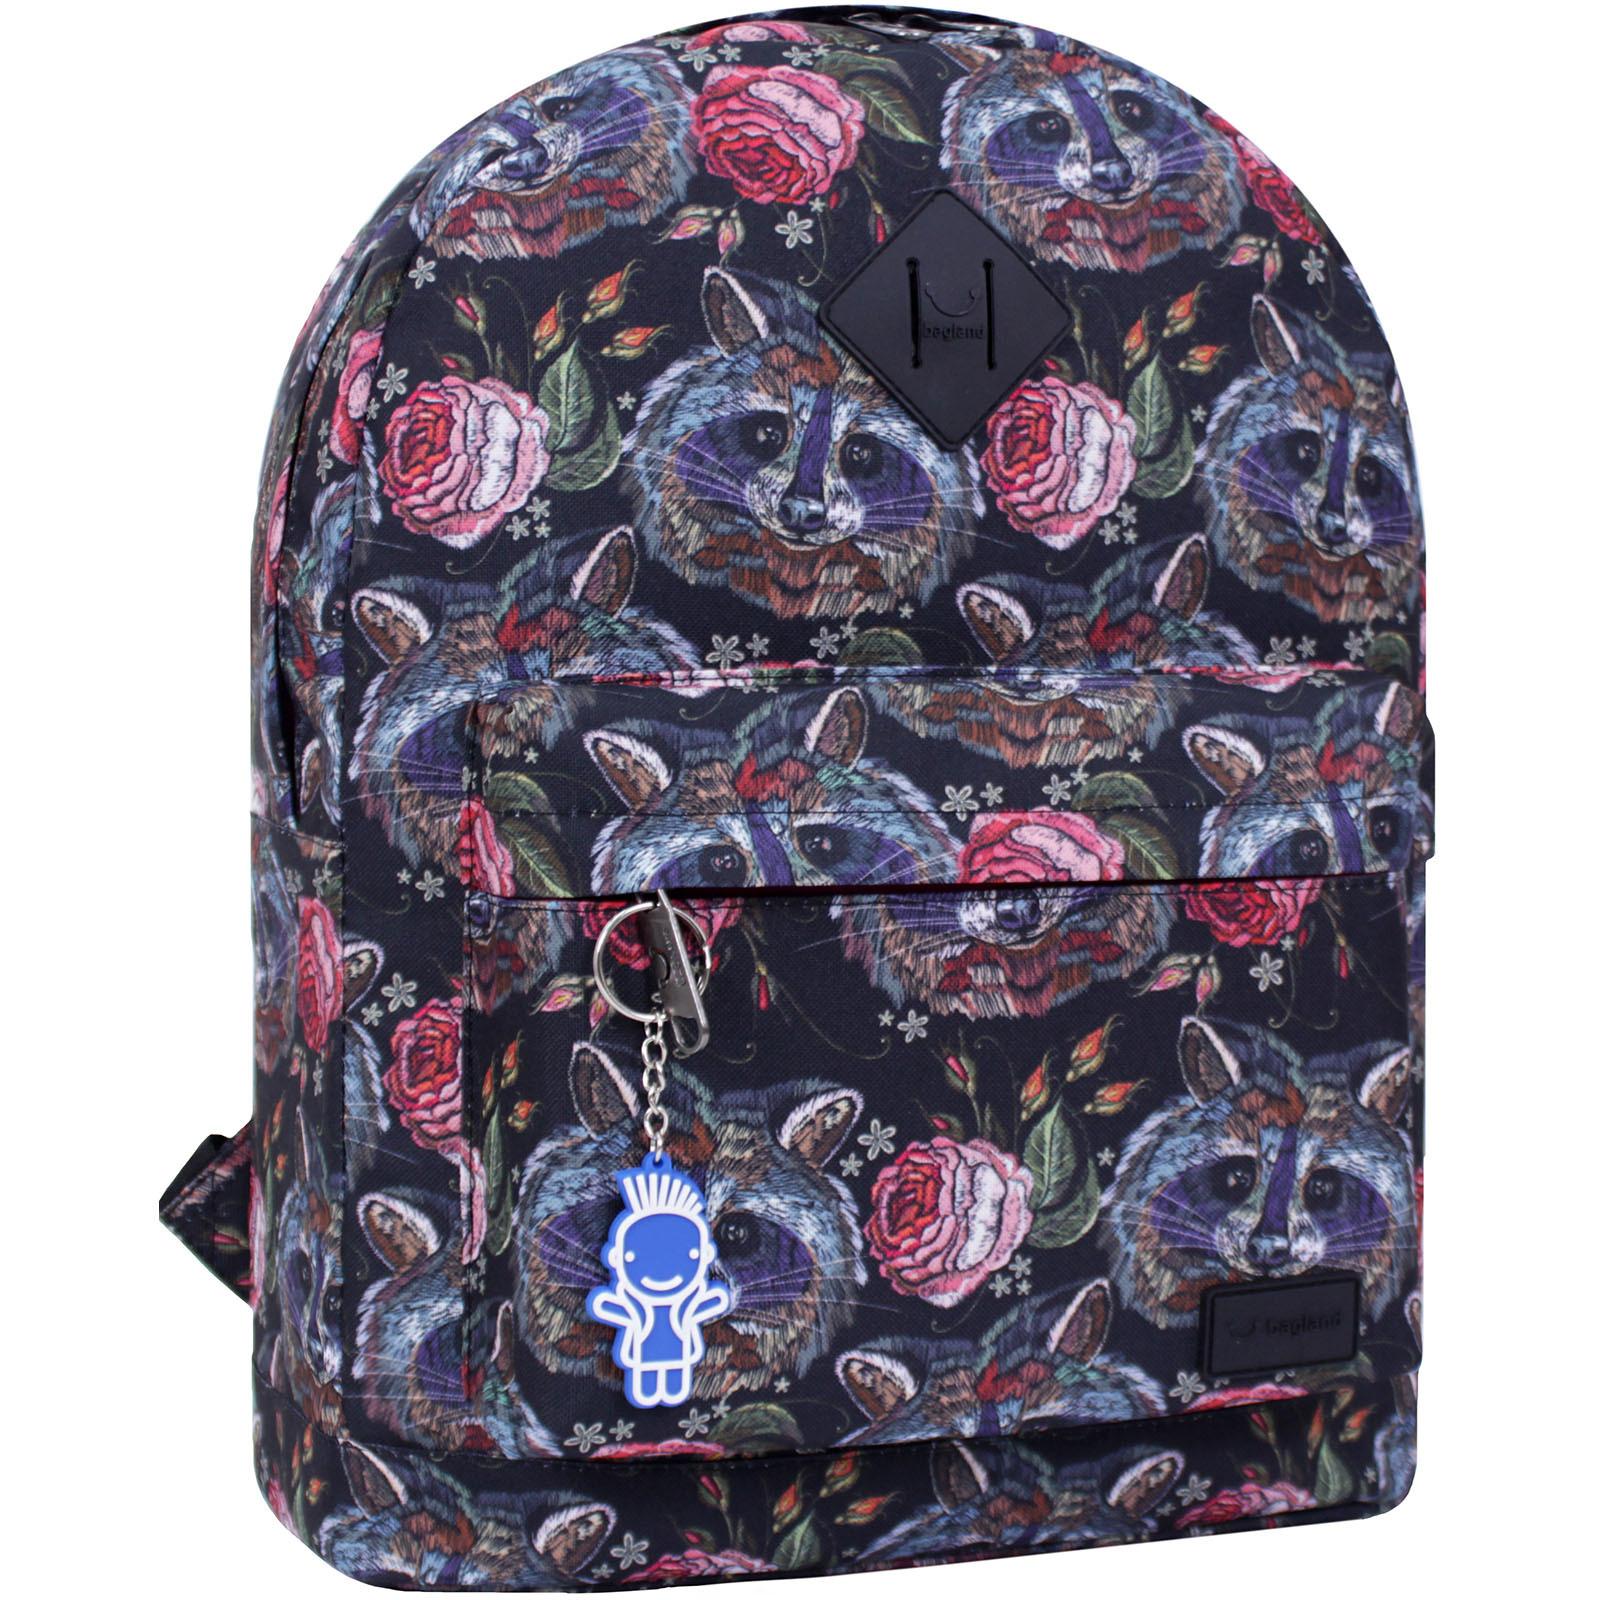 Рюкзак Bagland Молодежный (дизайн) 17 л. сублімація 477 (00533664) фото 1